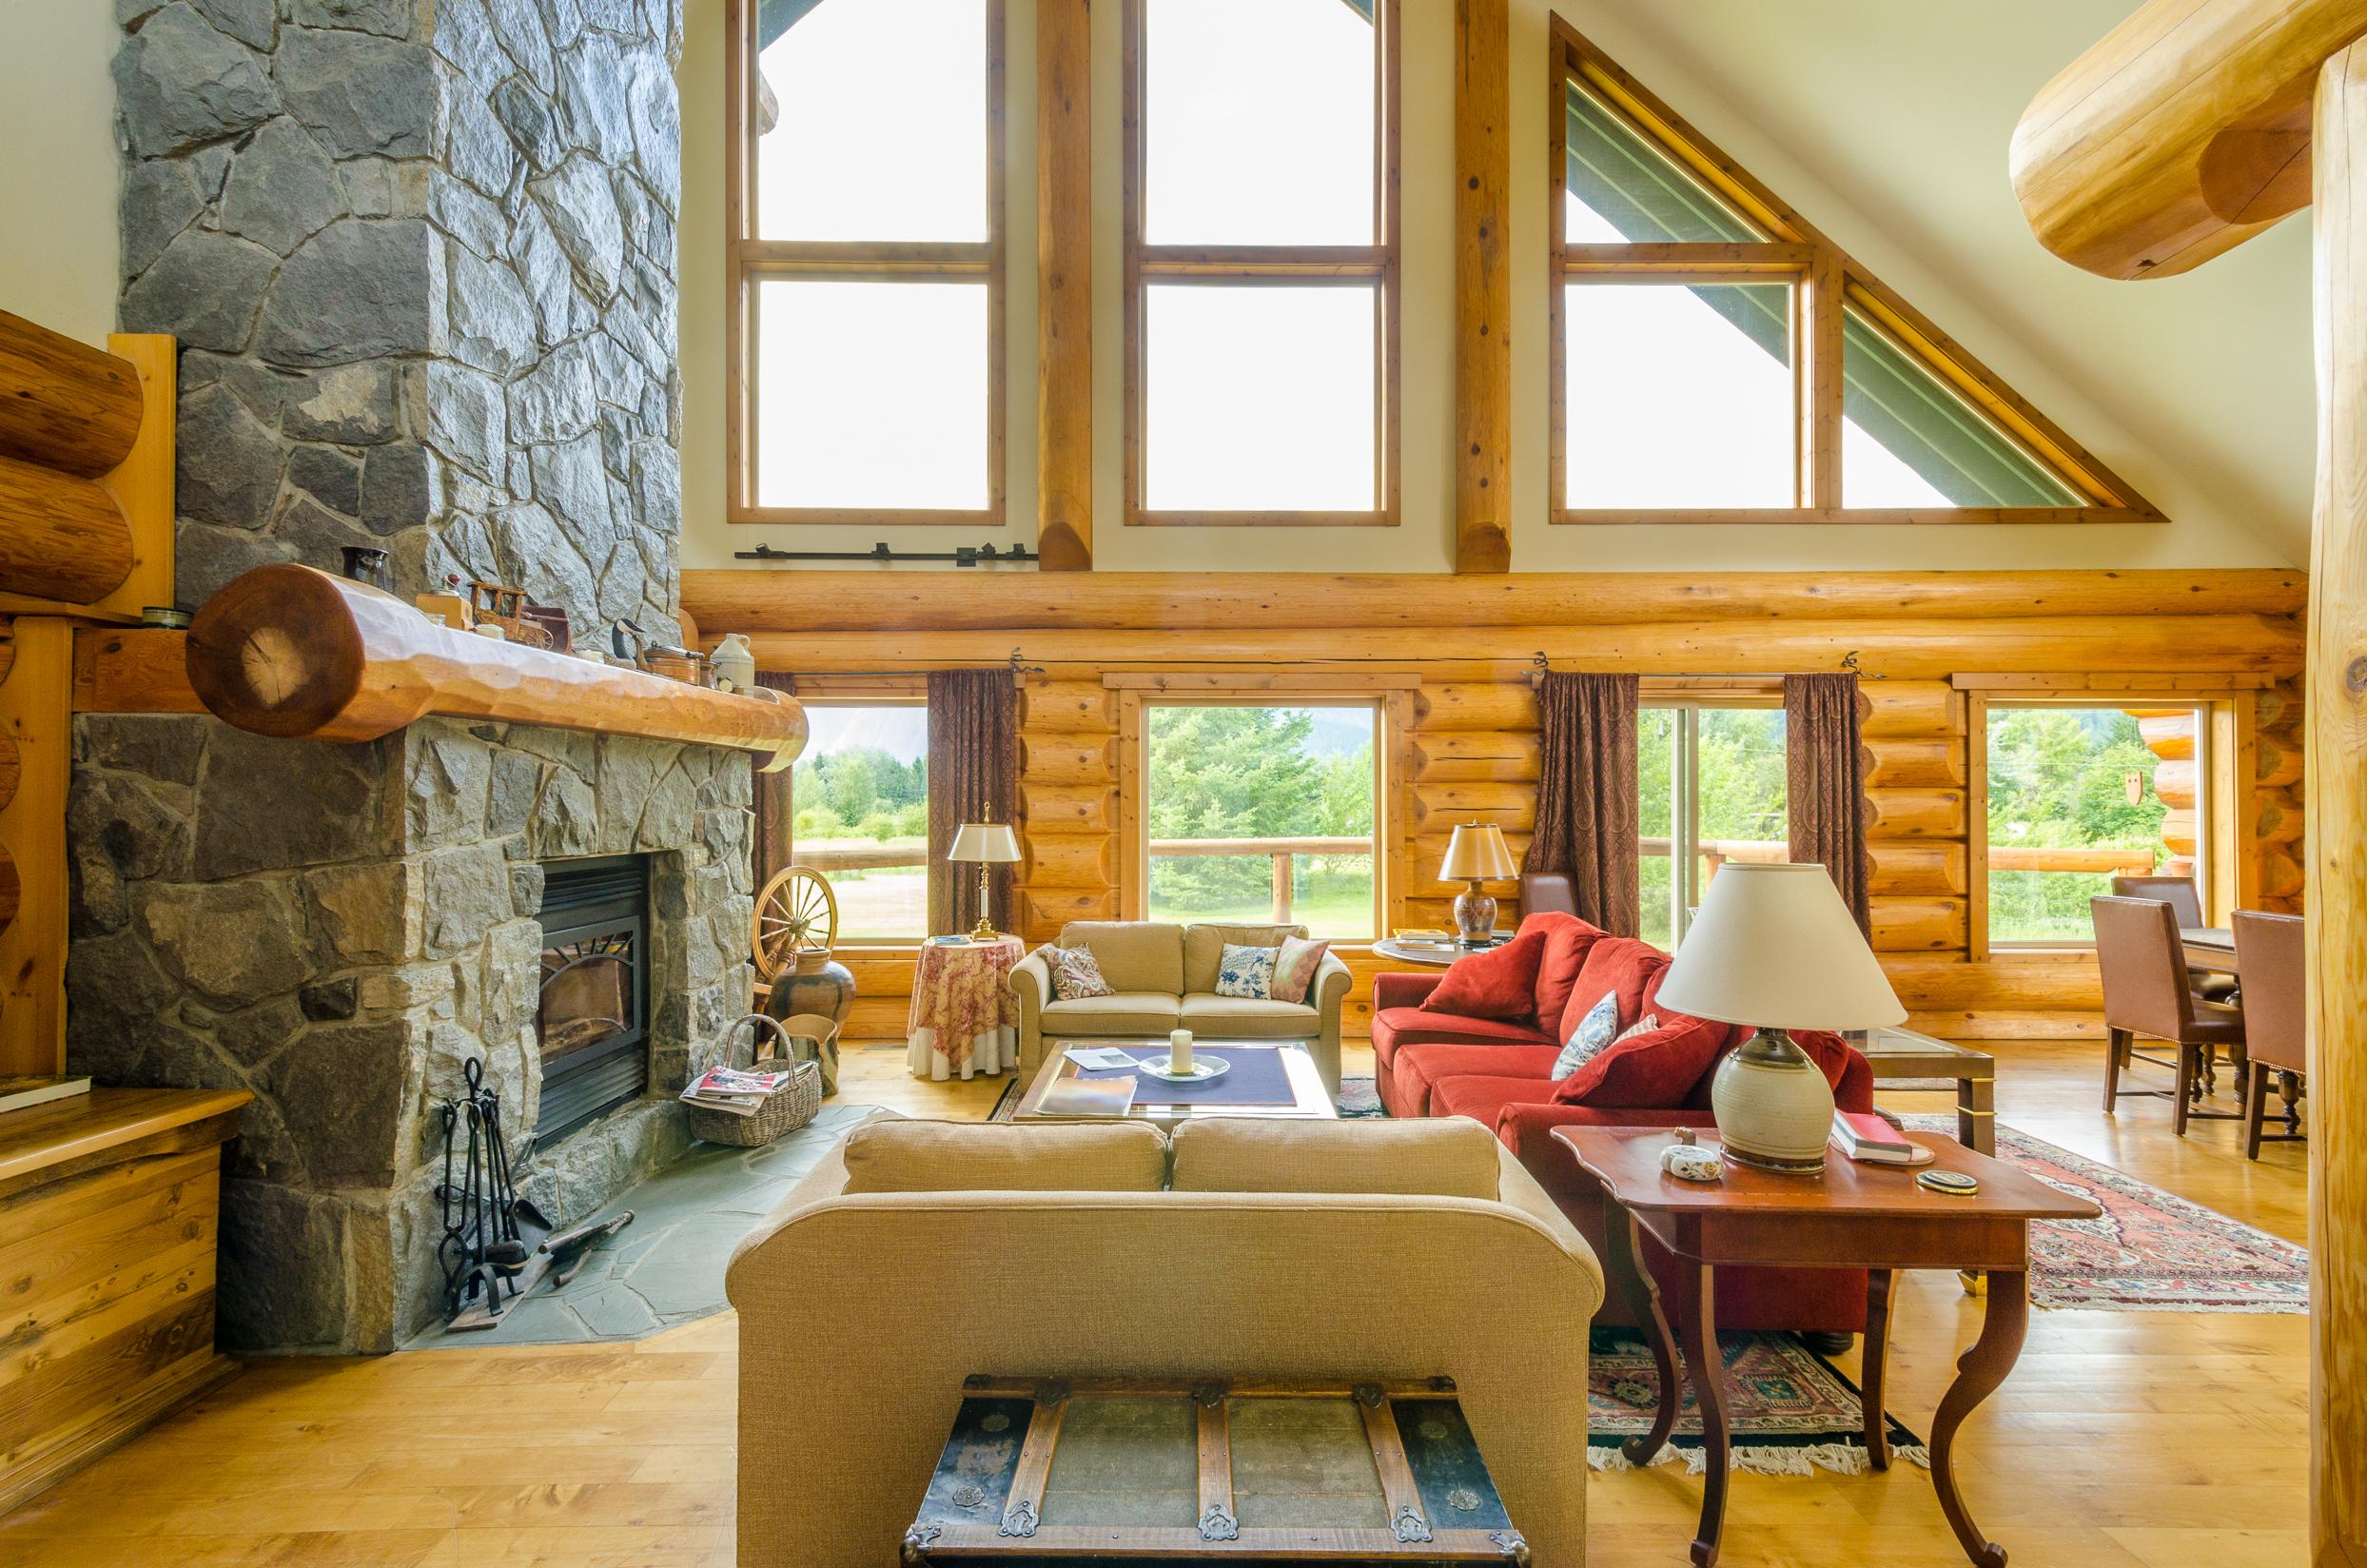 log home pictures interior. Contemporary Log Home Interior Design Shutterstock 159205520